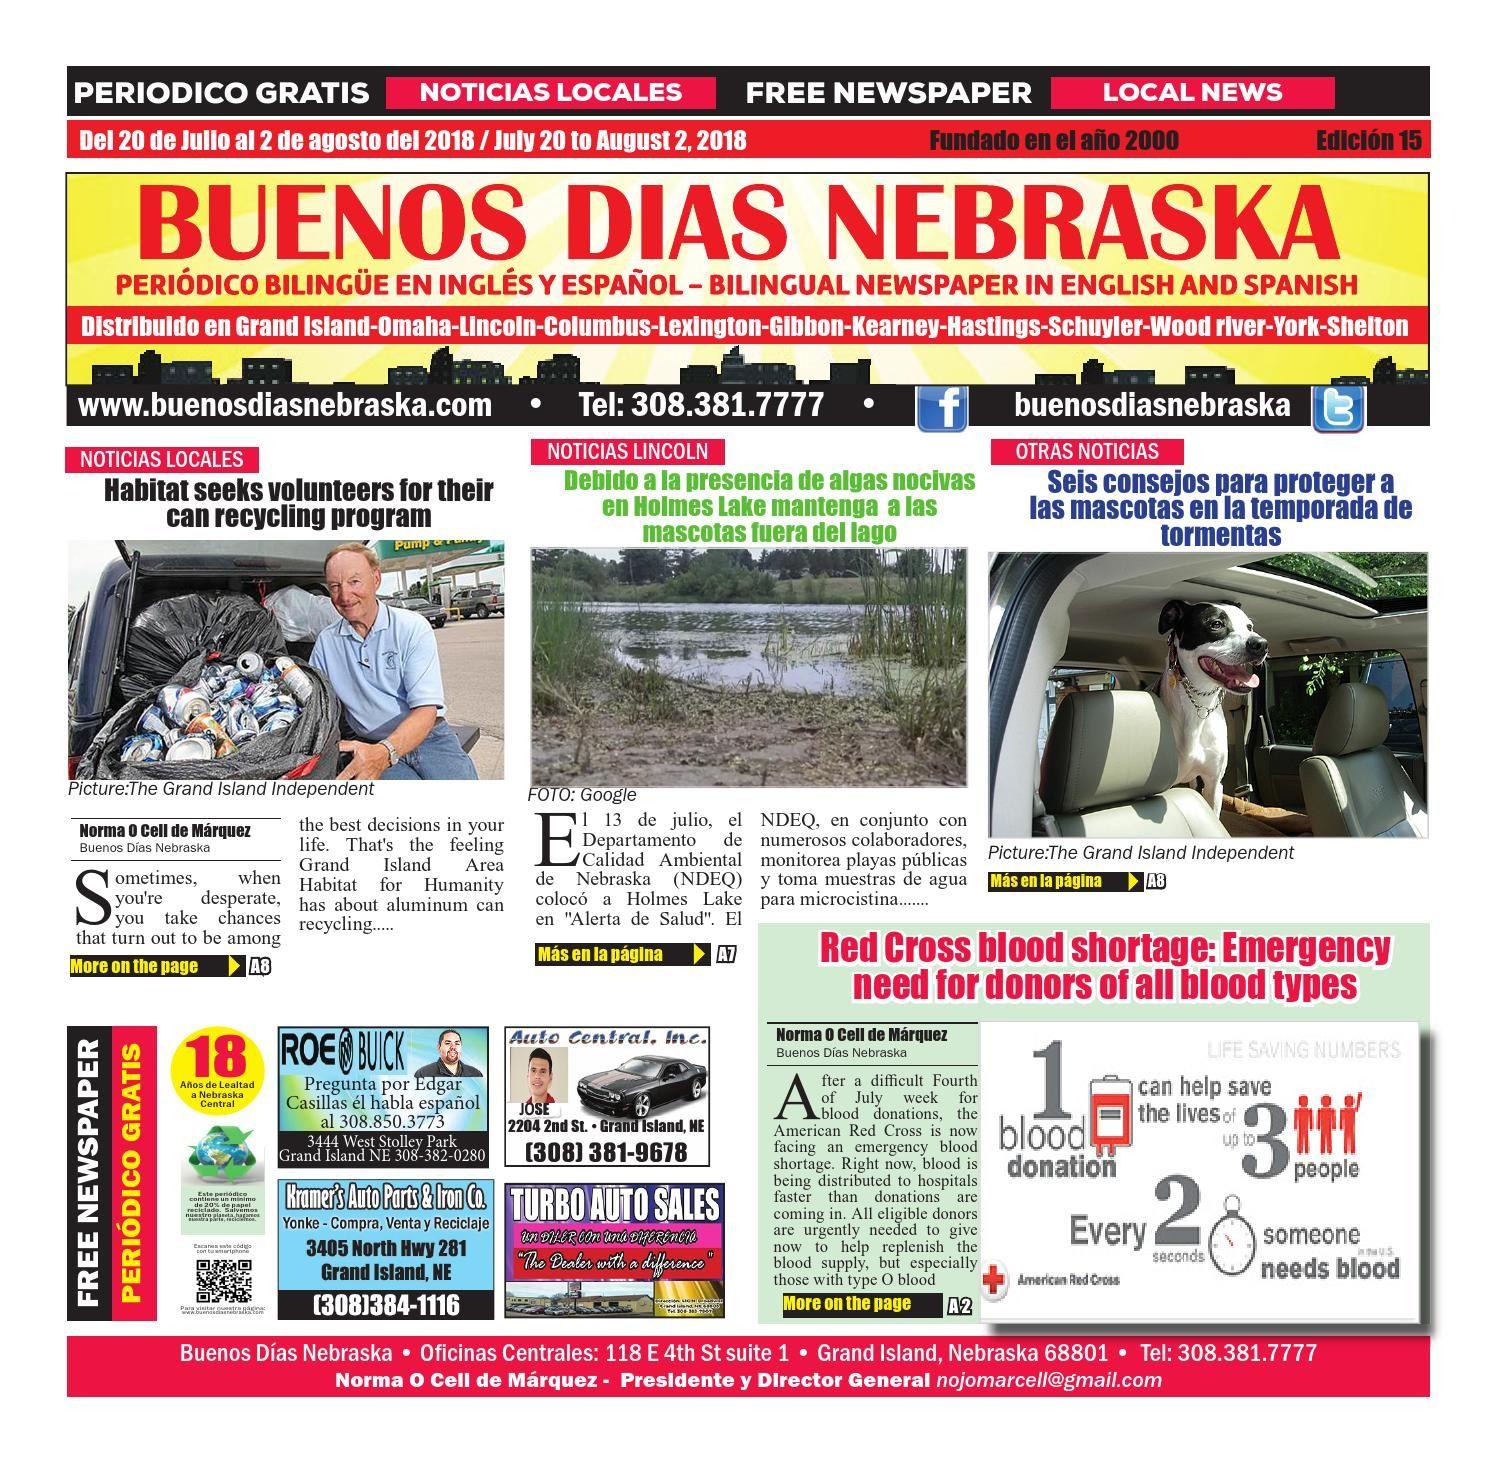 Periodico Bilingue En Ingles Y Espanol